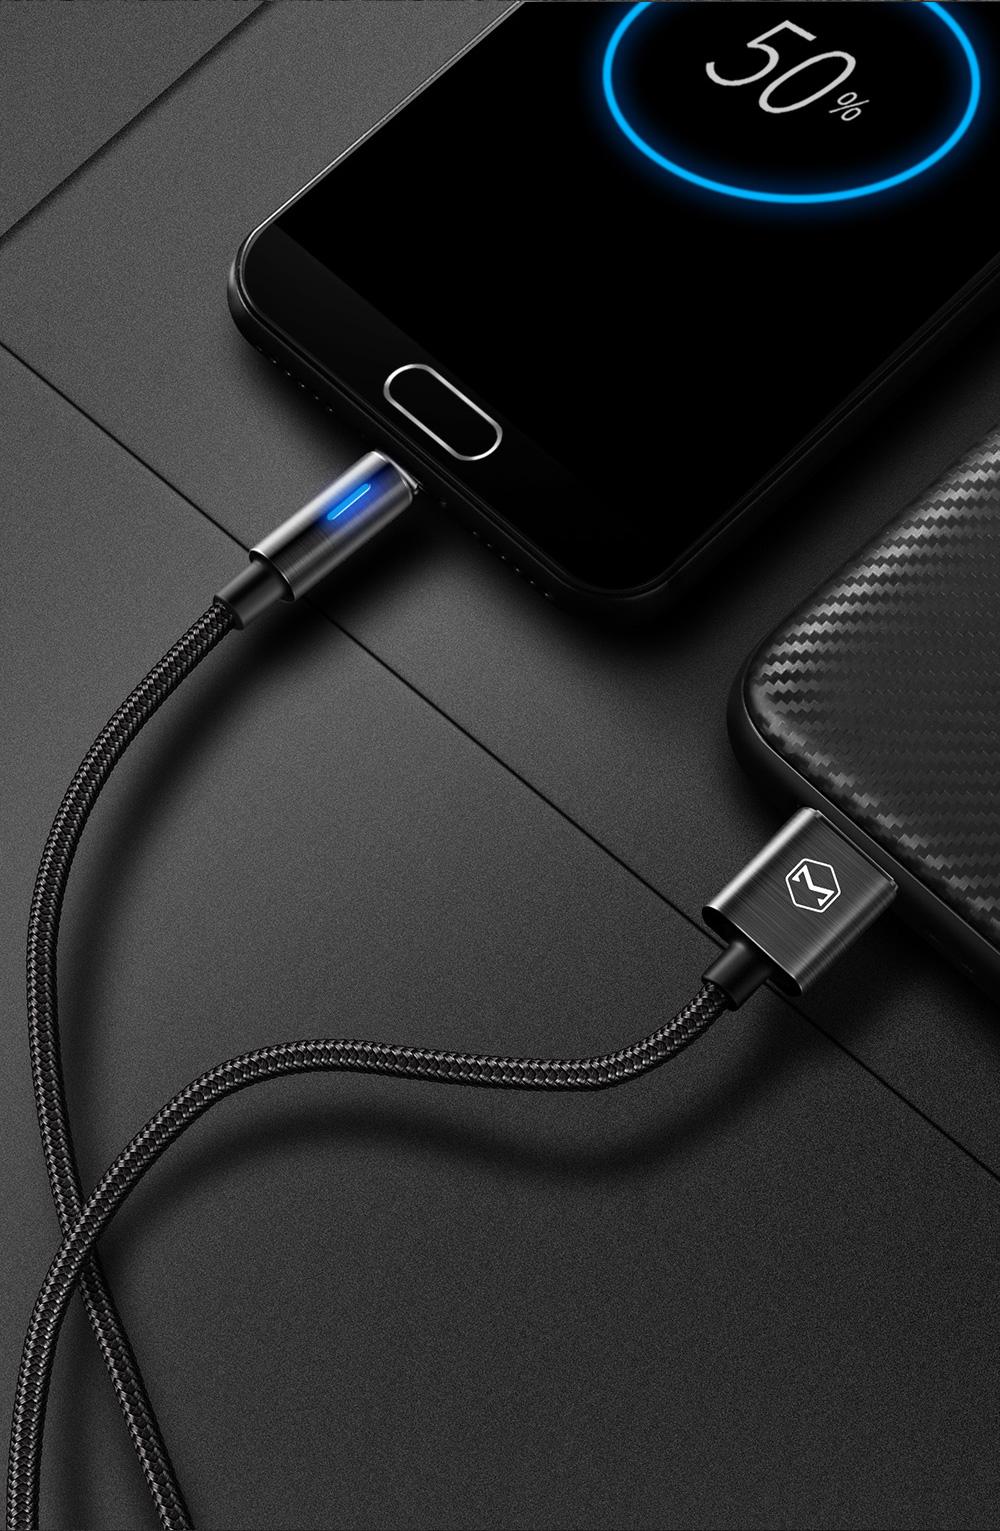 USB Data 10Pcs/lot Cable 11